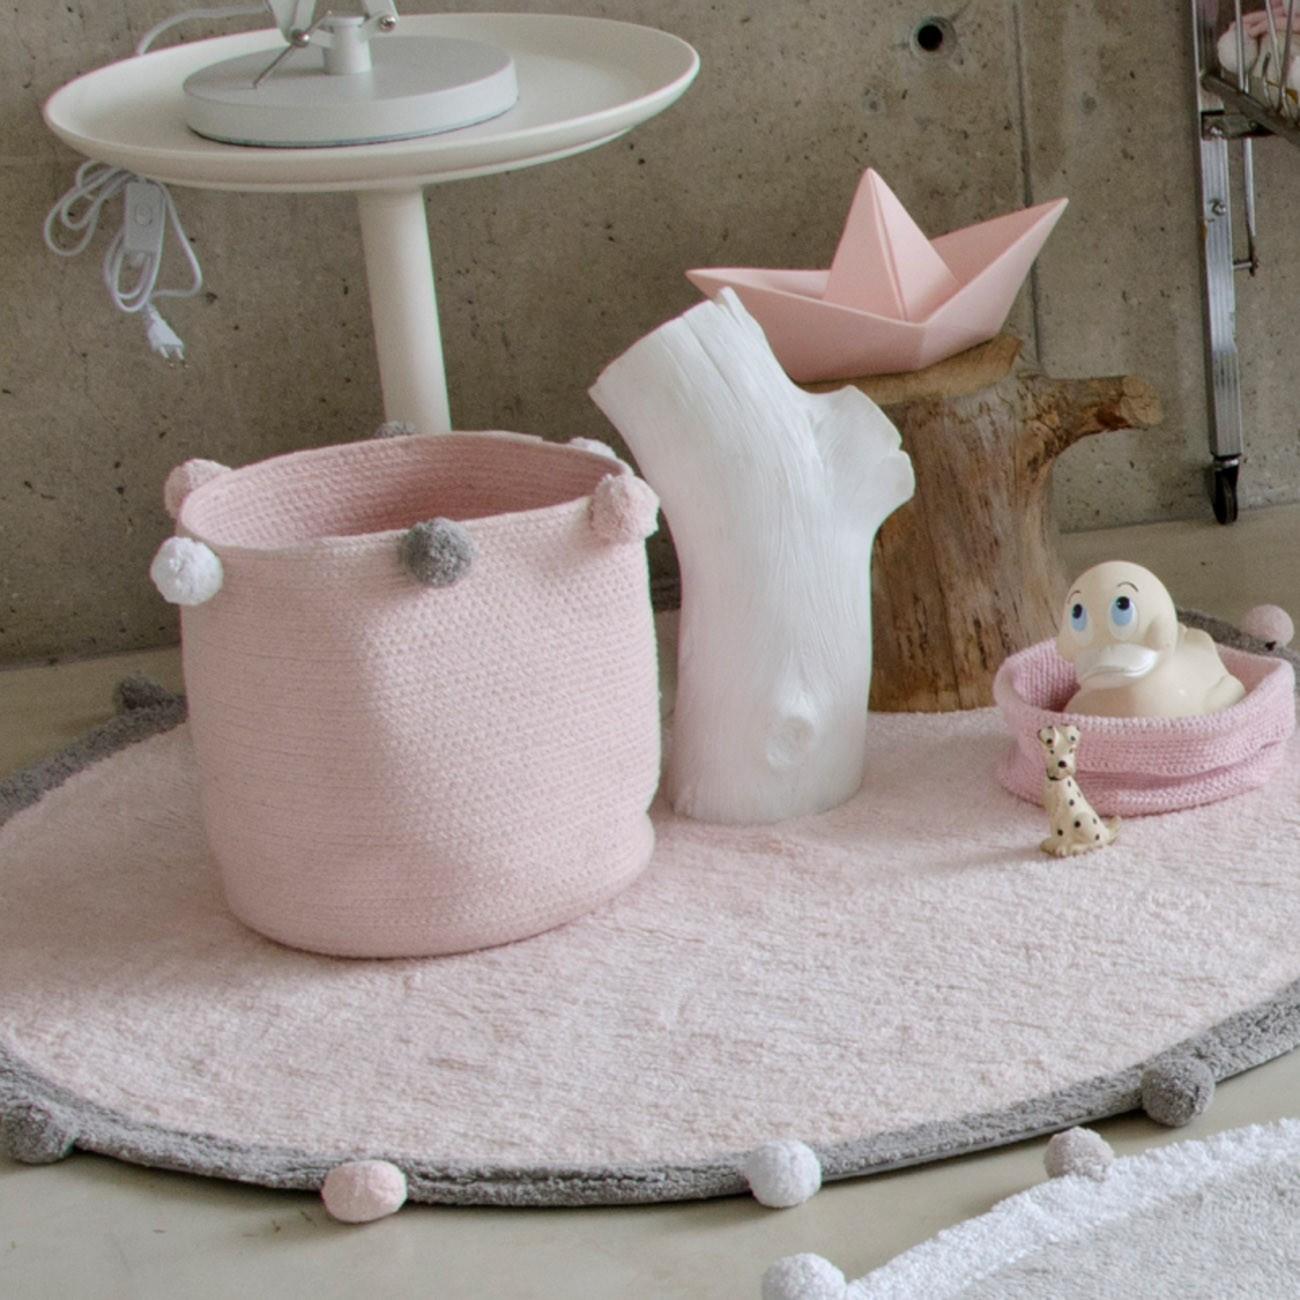 Cesto Lorena Canals Bubbly Rosa 30 x 30 x 30 cm